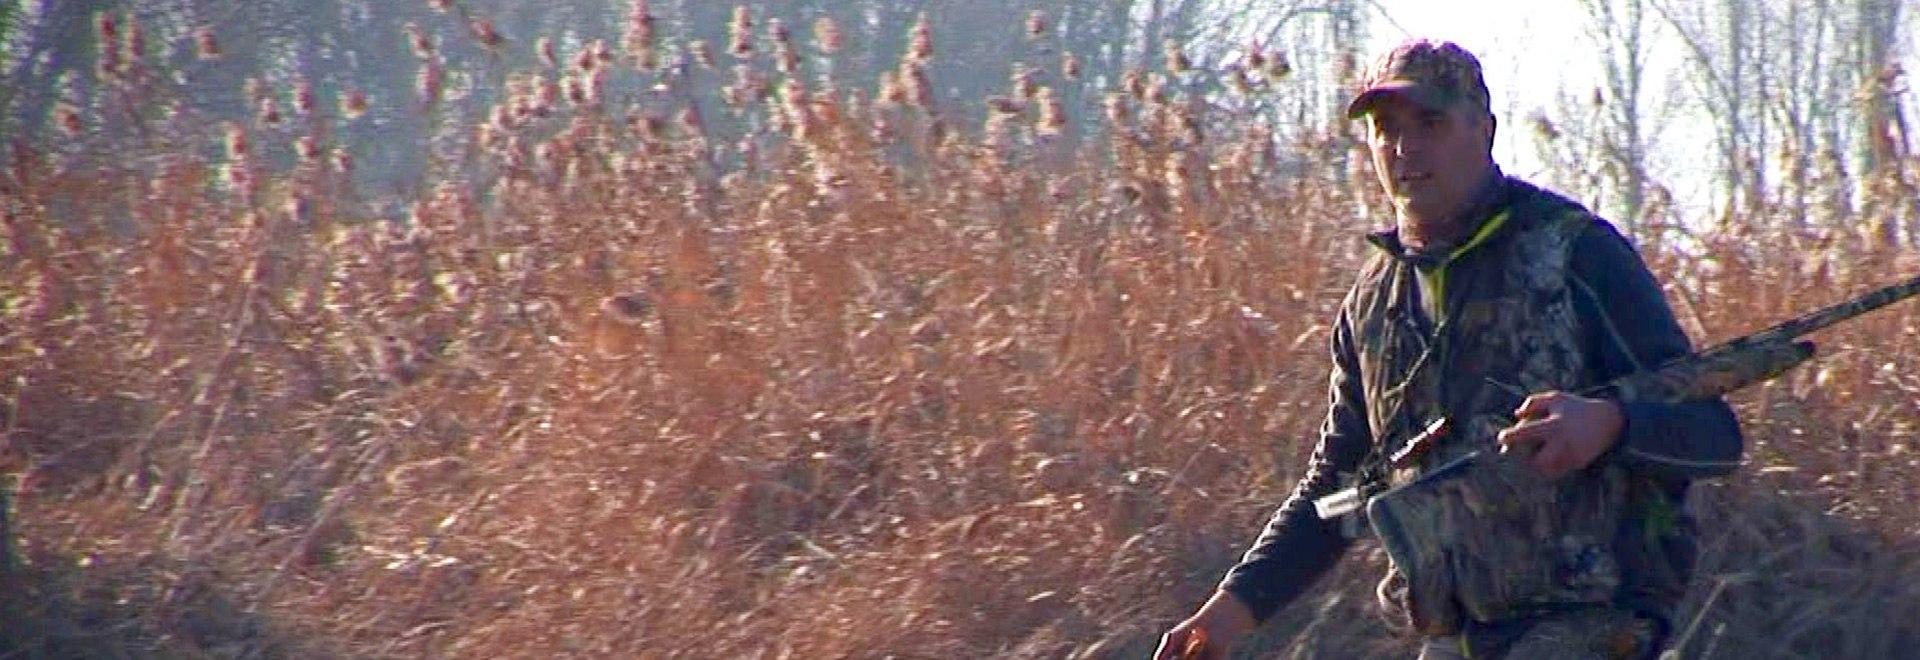 Caccia alle anatre al campo